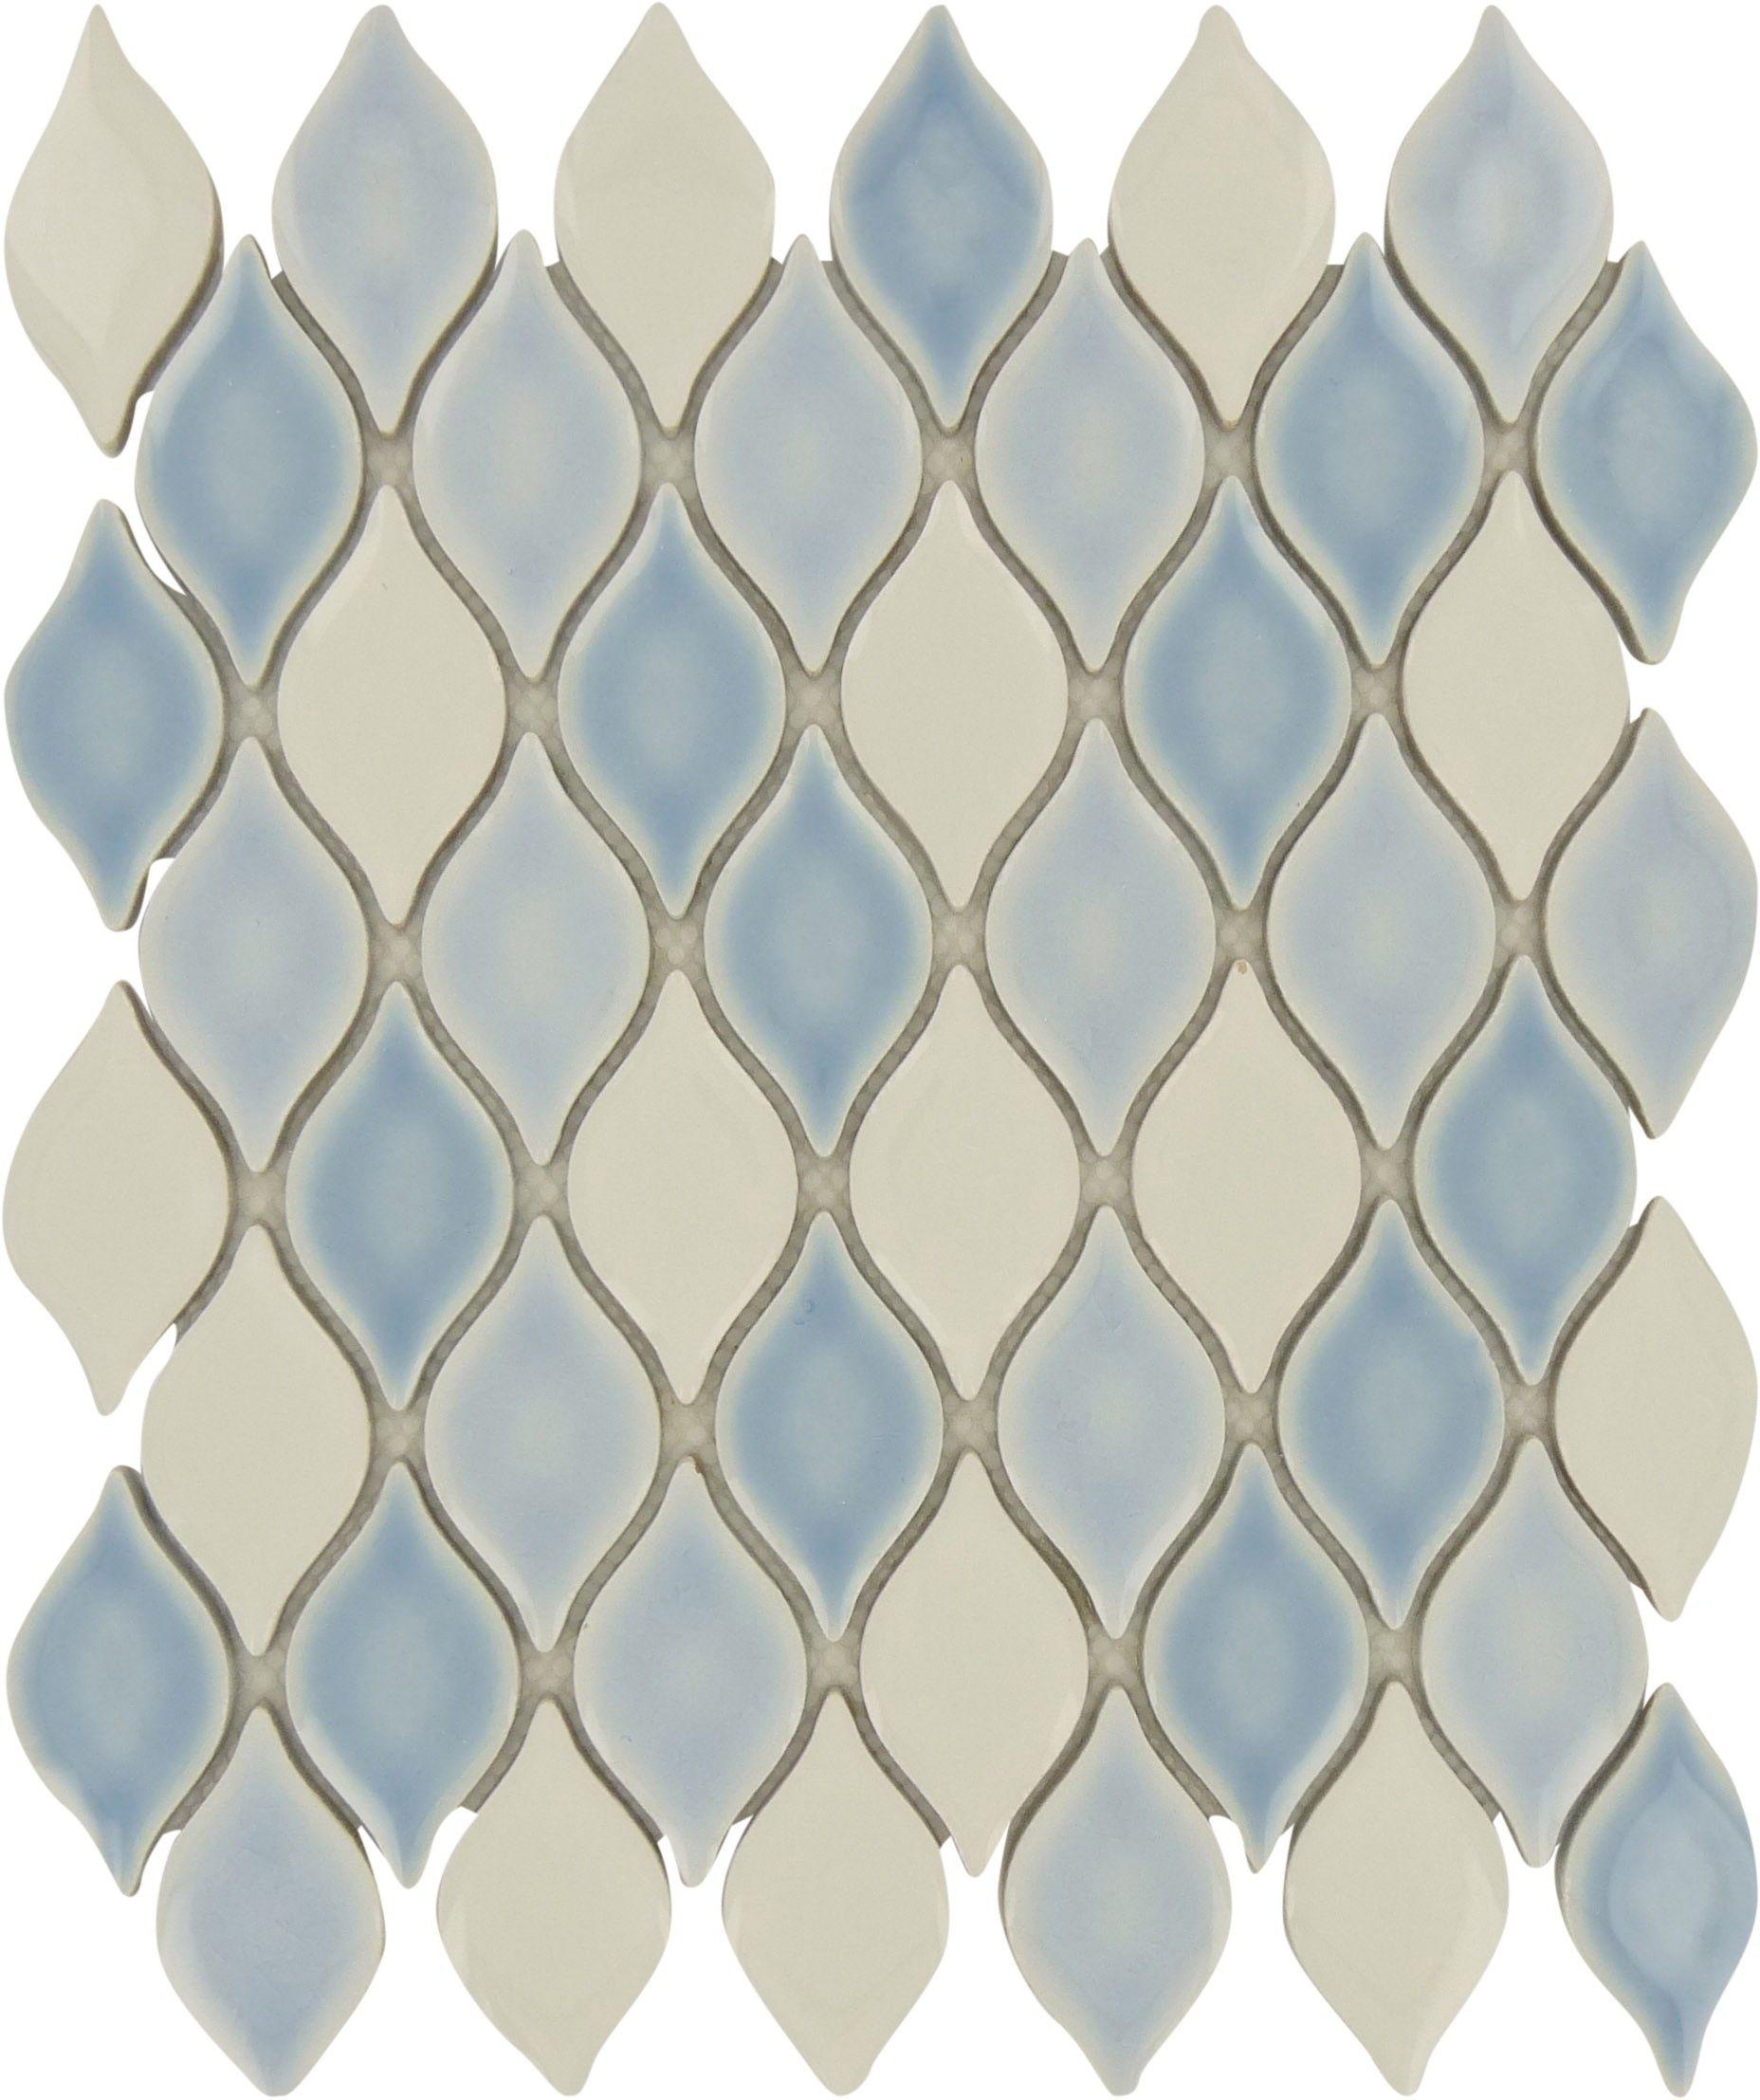 """Sheet Size: 12 1/2"""" X 10 3/4"""" Tile Size: 2 1/4"""" X 1 1/4"""